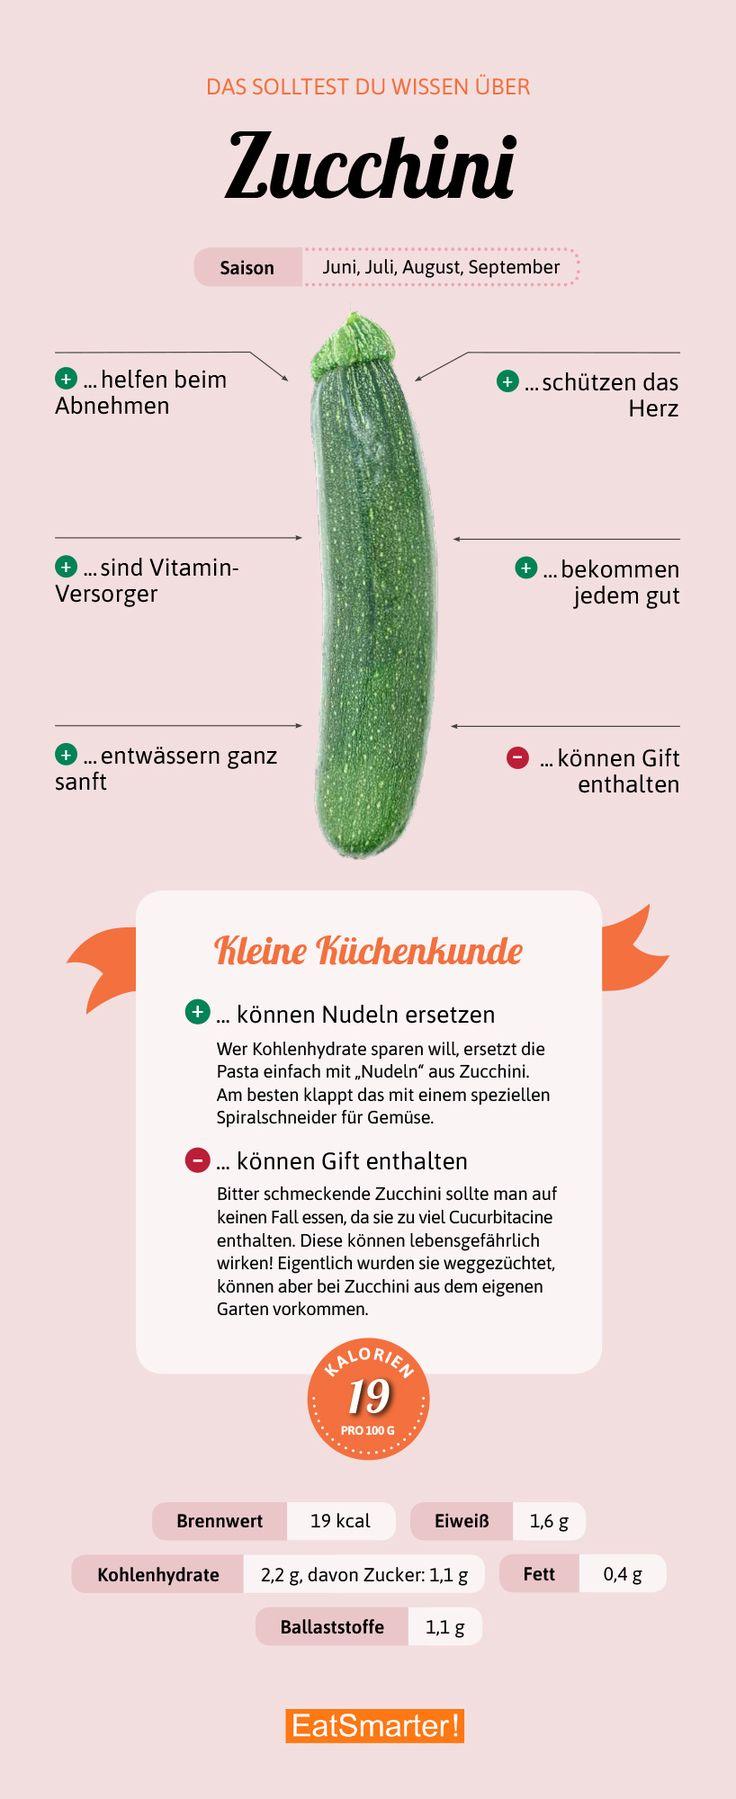 Darum sind Zucchini gut für dich! – EAT SMARTER